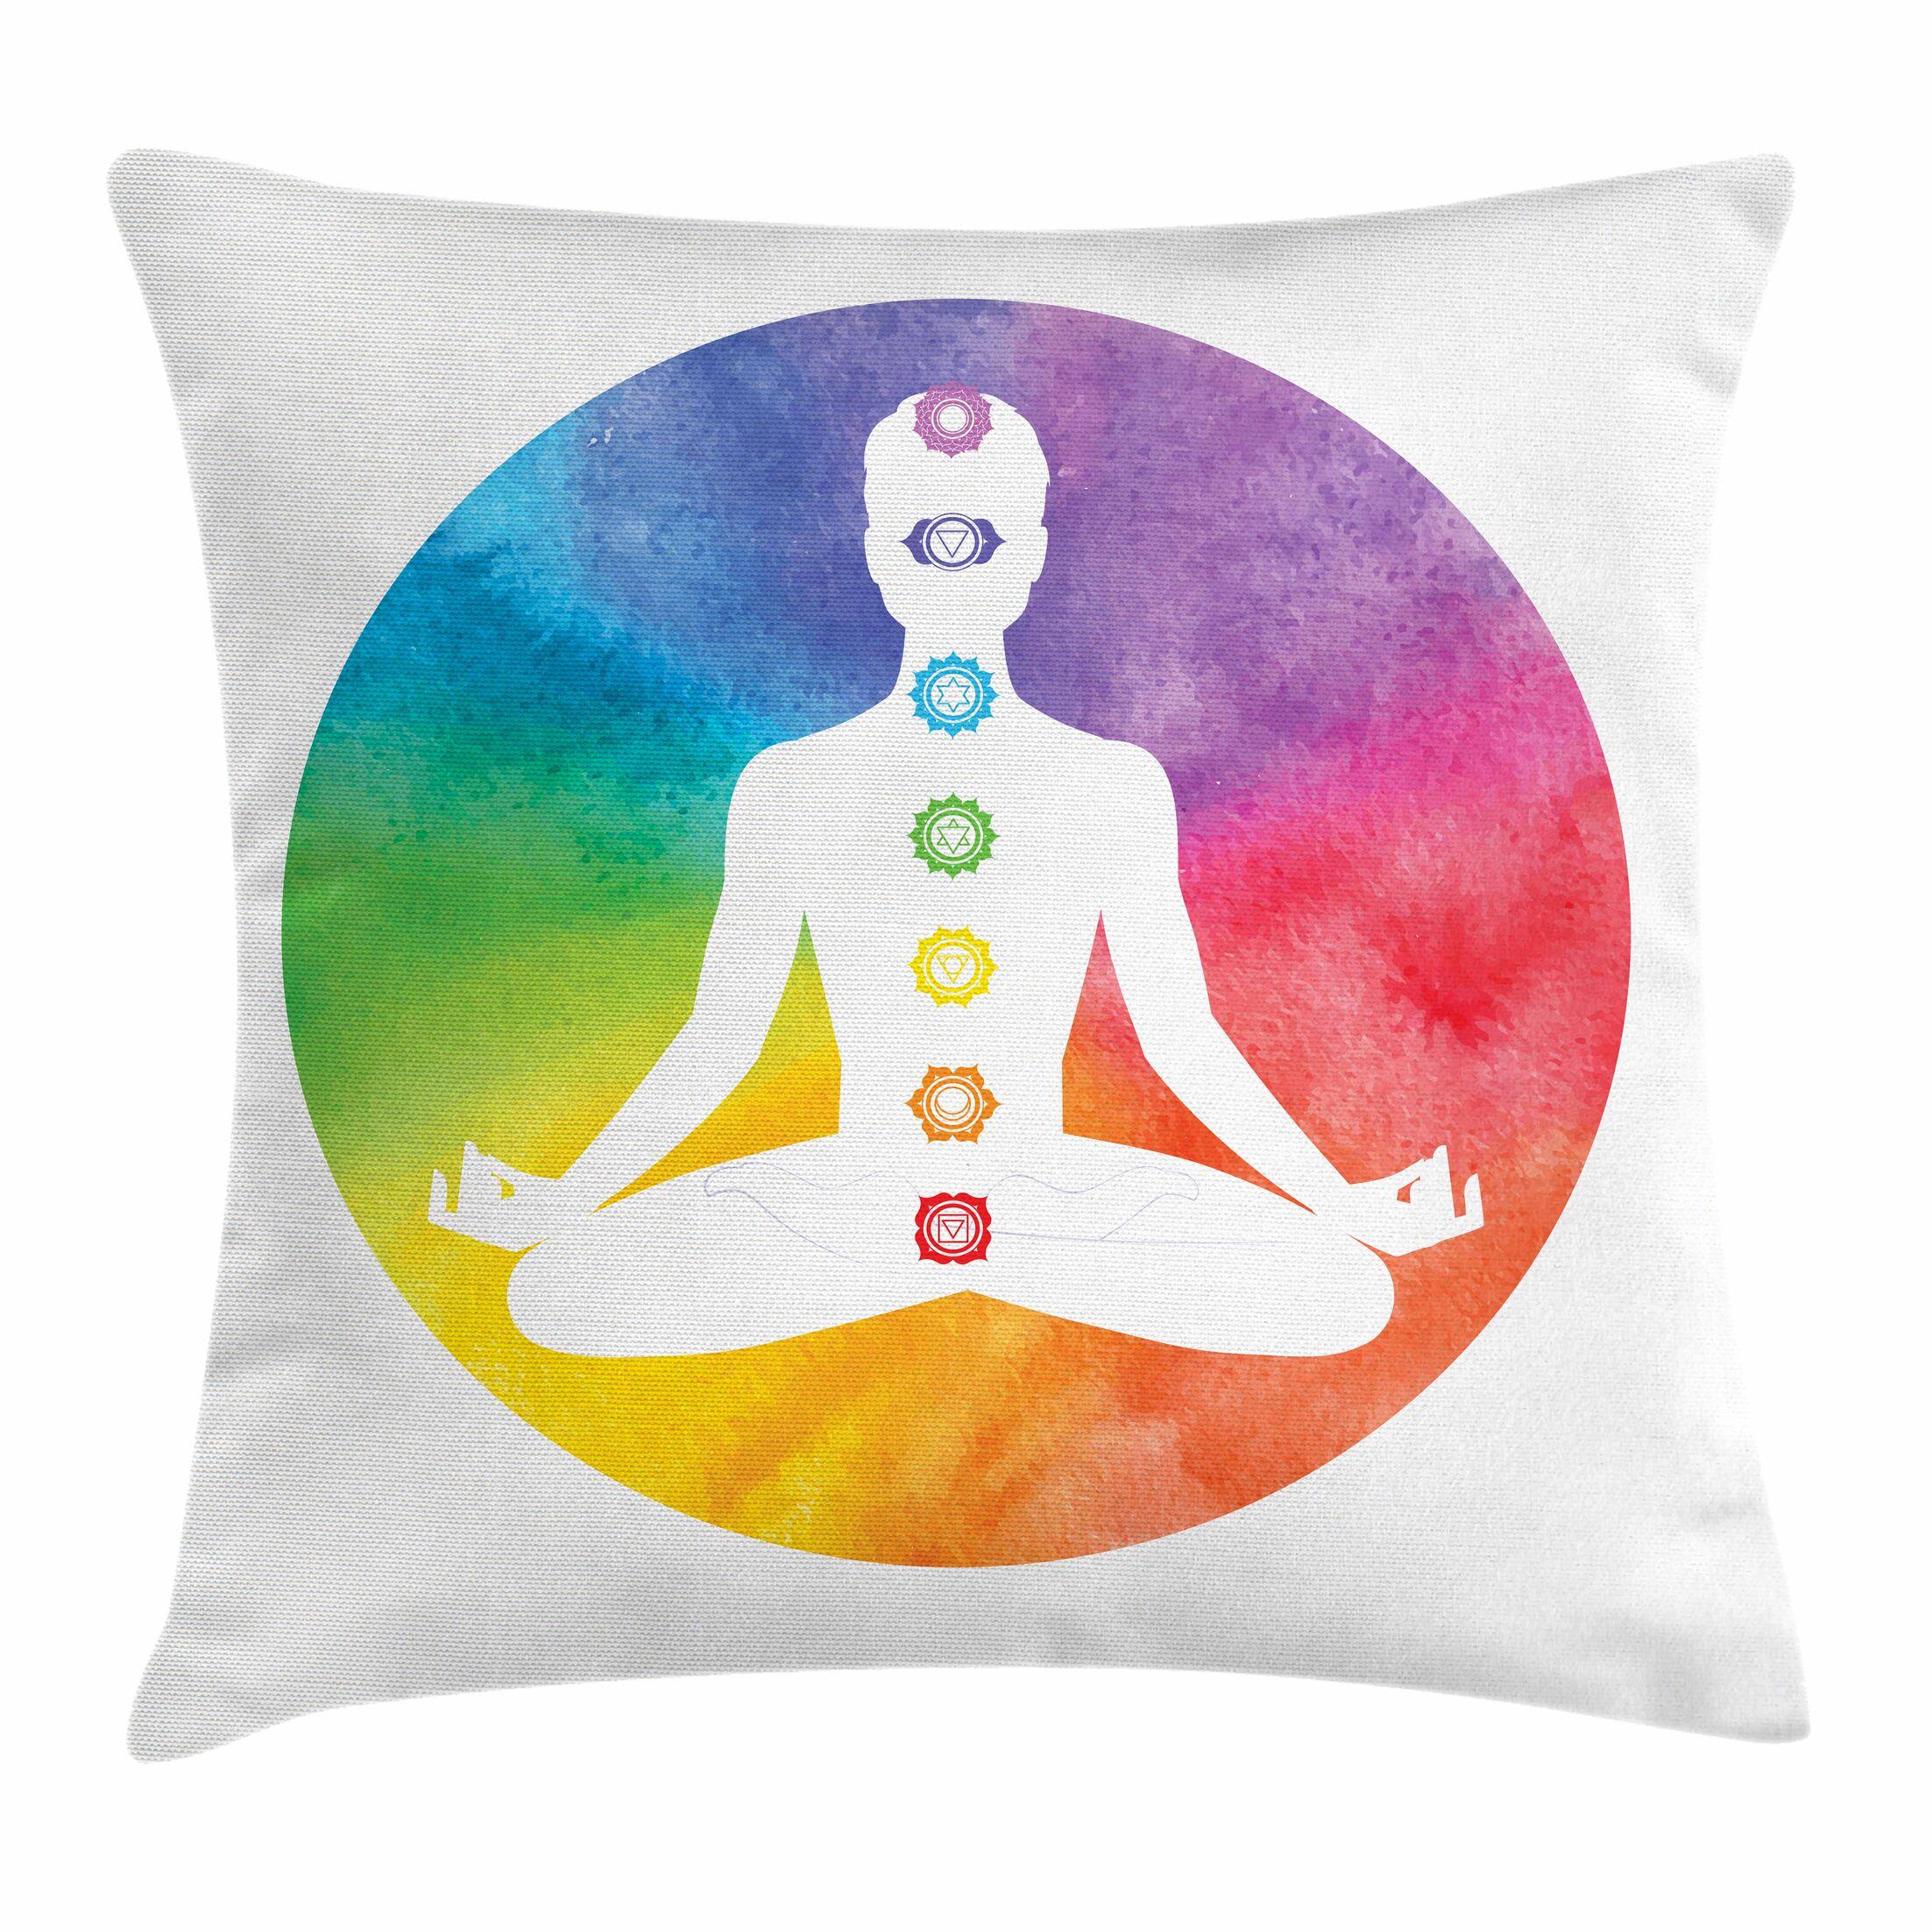 Yoga Symbols of Chakra Lotus Square Pillow Cover Size: 18